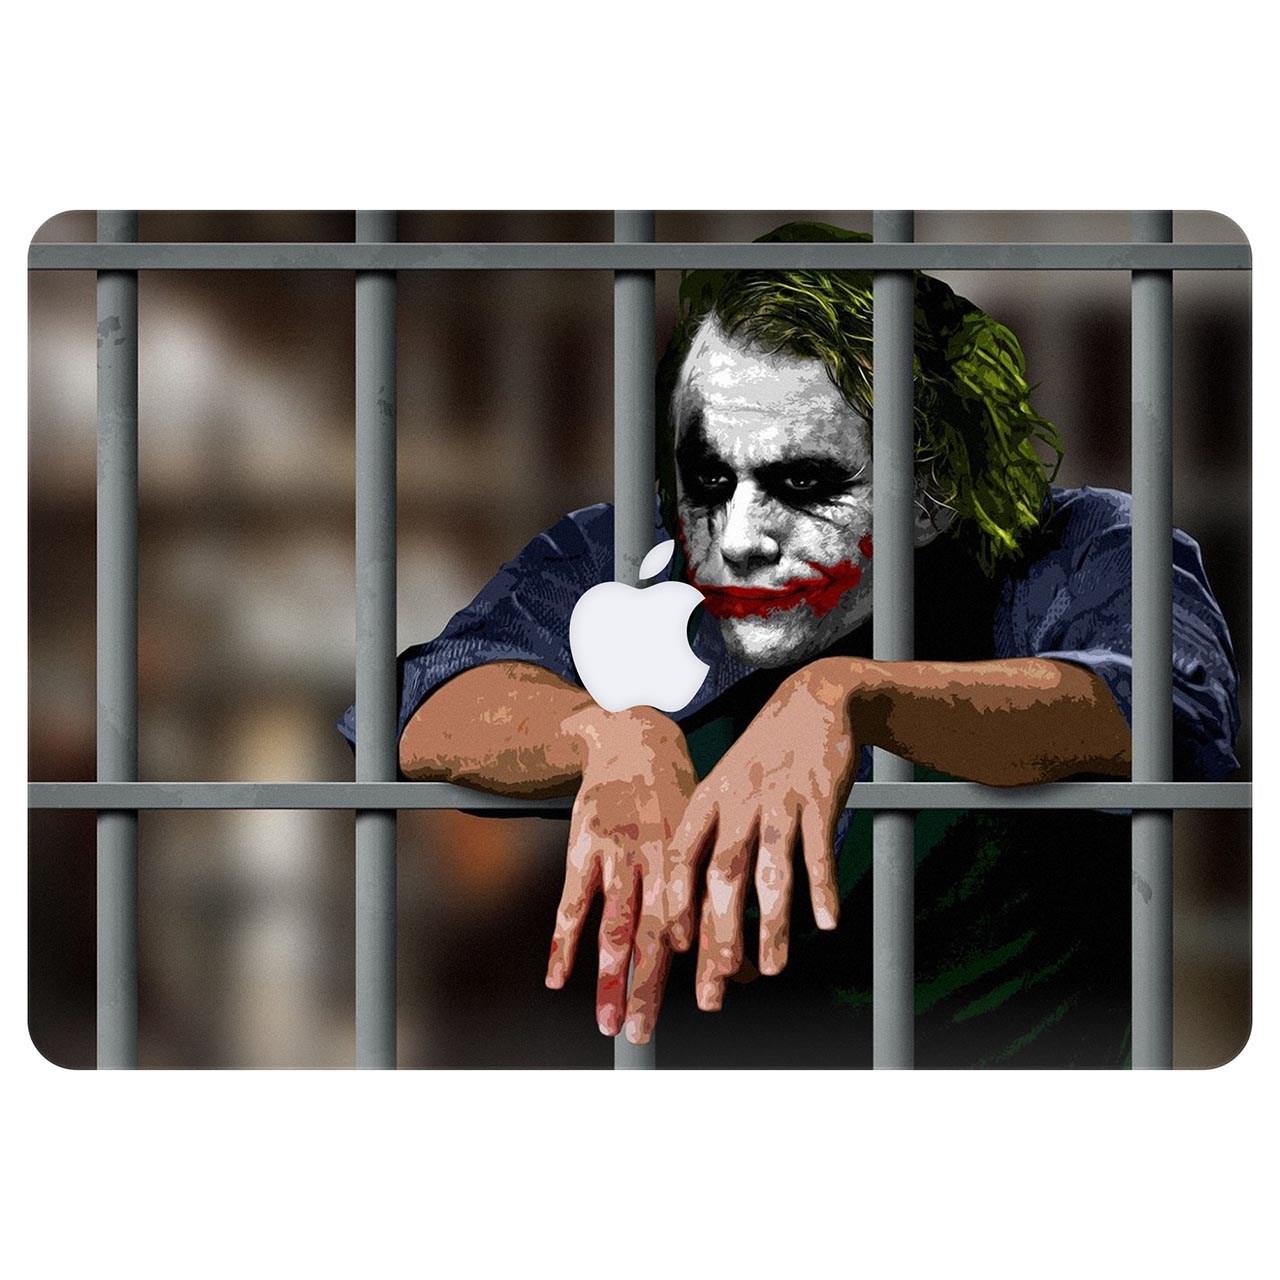 برچسب تزئینی ونسونی مدل Joker In Cell مناسب برای مک بوک ایر 13 اینچی